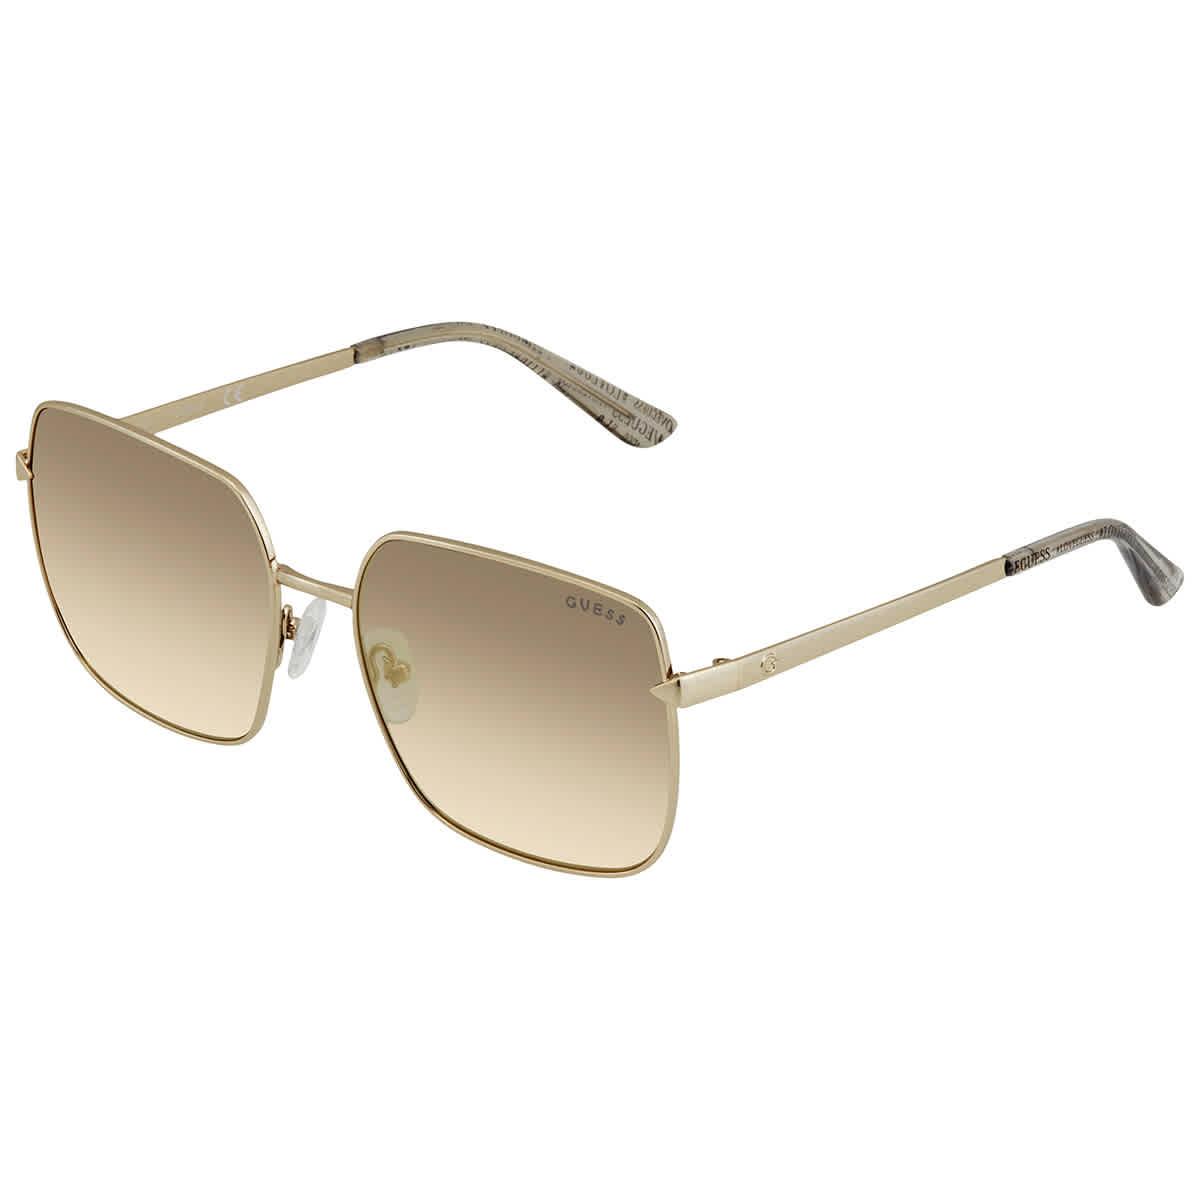 Guess Ladies Gold Tone Square Sunglasses Gu761532c56 In Transparent